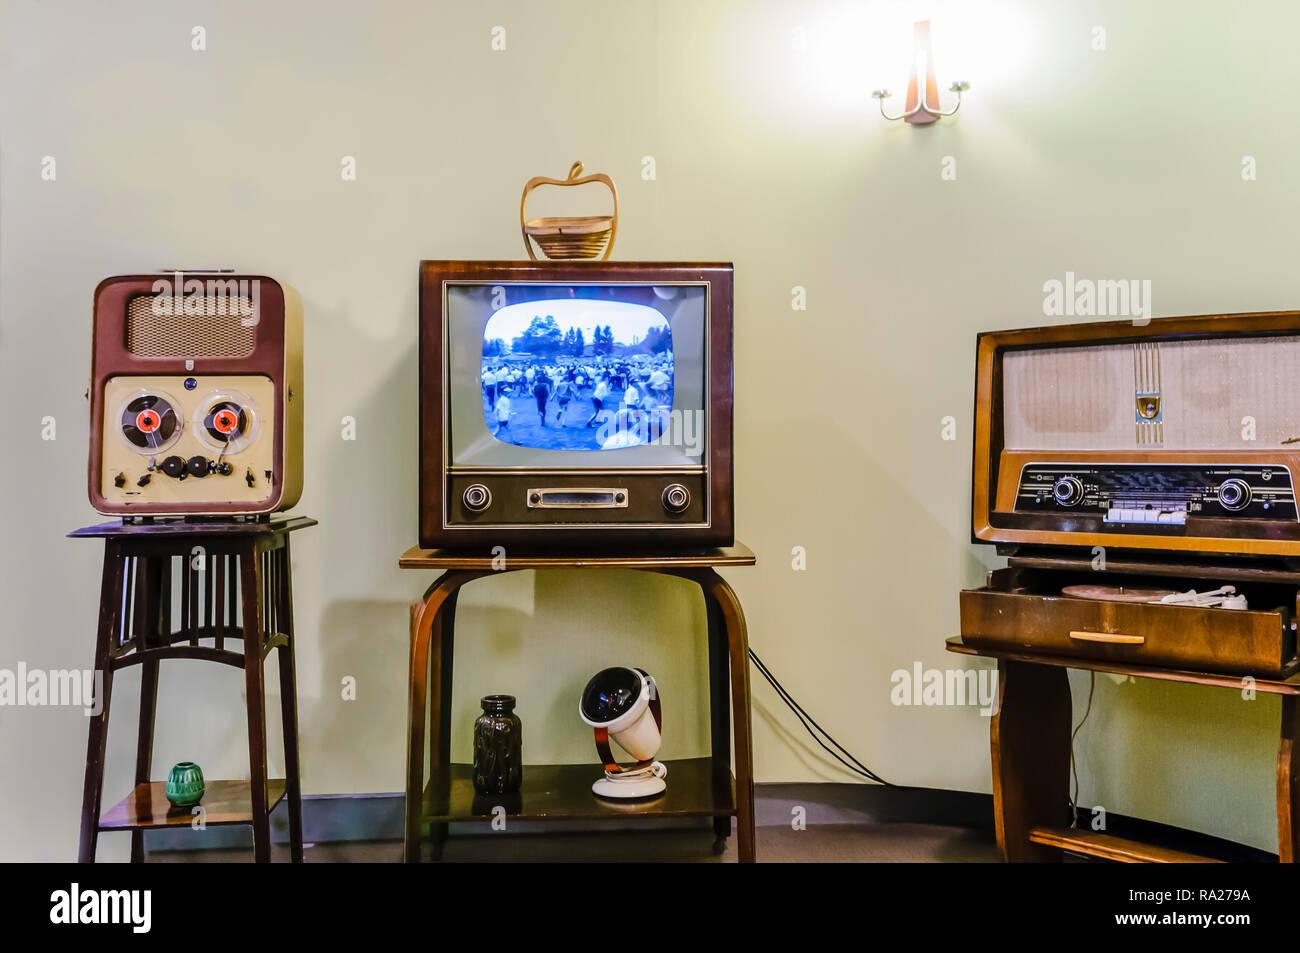 Rouleau à rouleau dvd, télévision en noir et blanc et un vieux moyen / long wave radio dans un salon de 1950. Banque D'Images